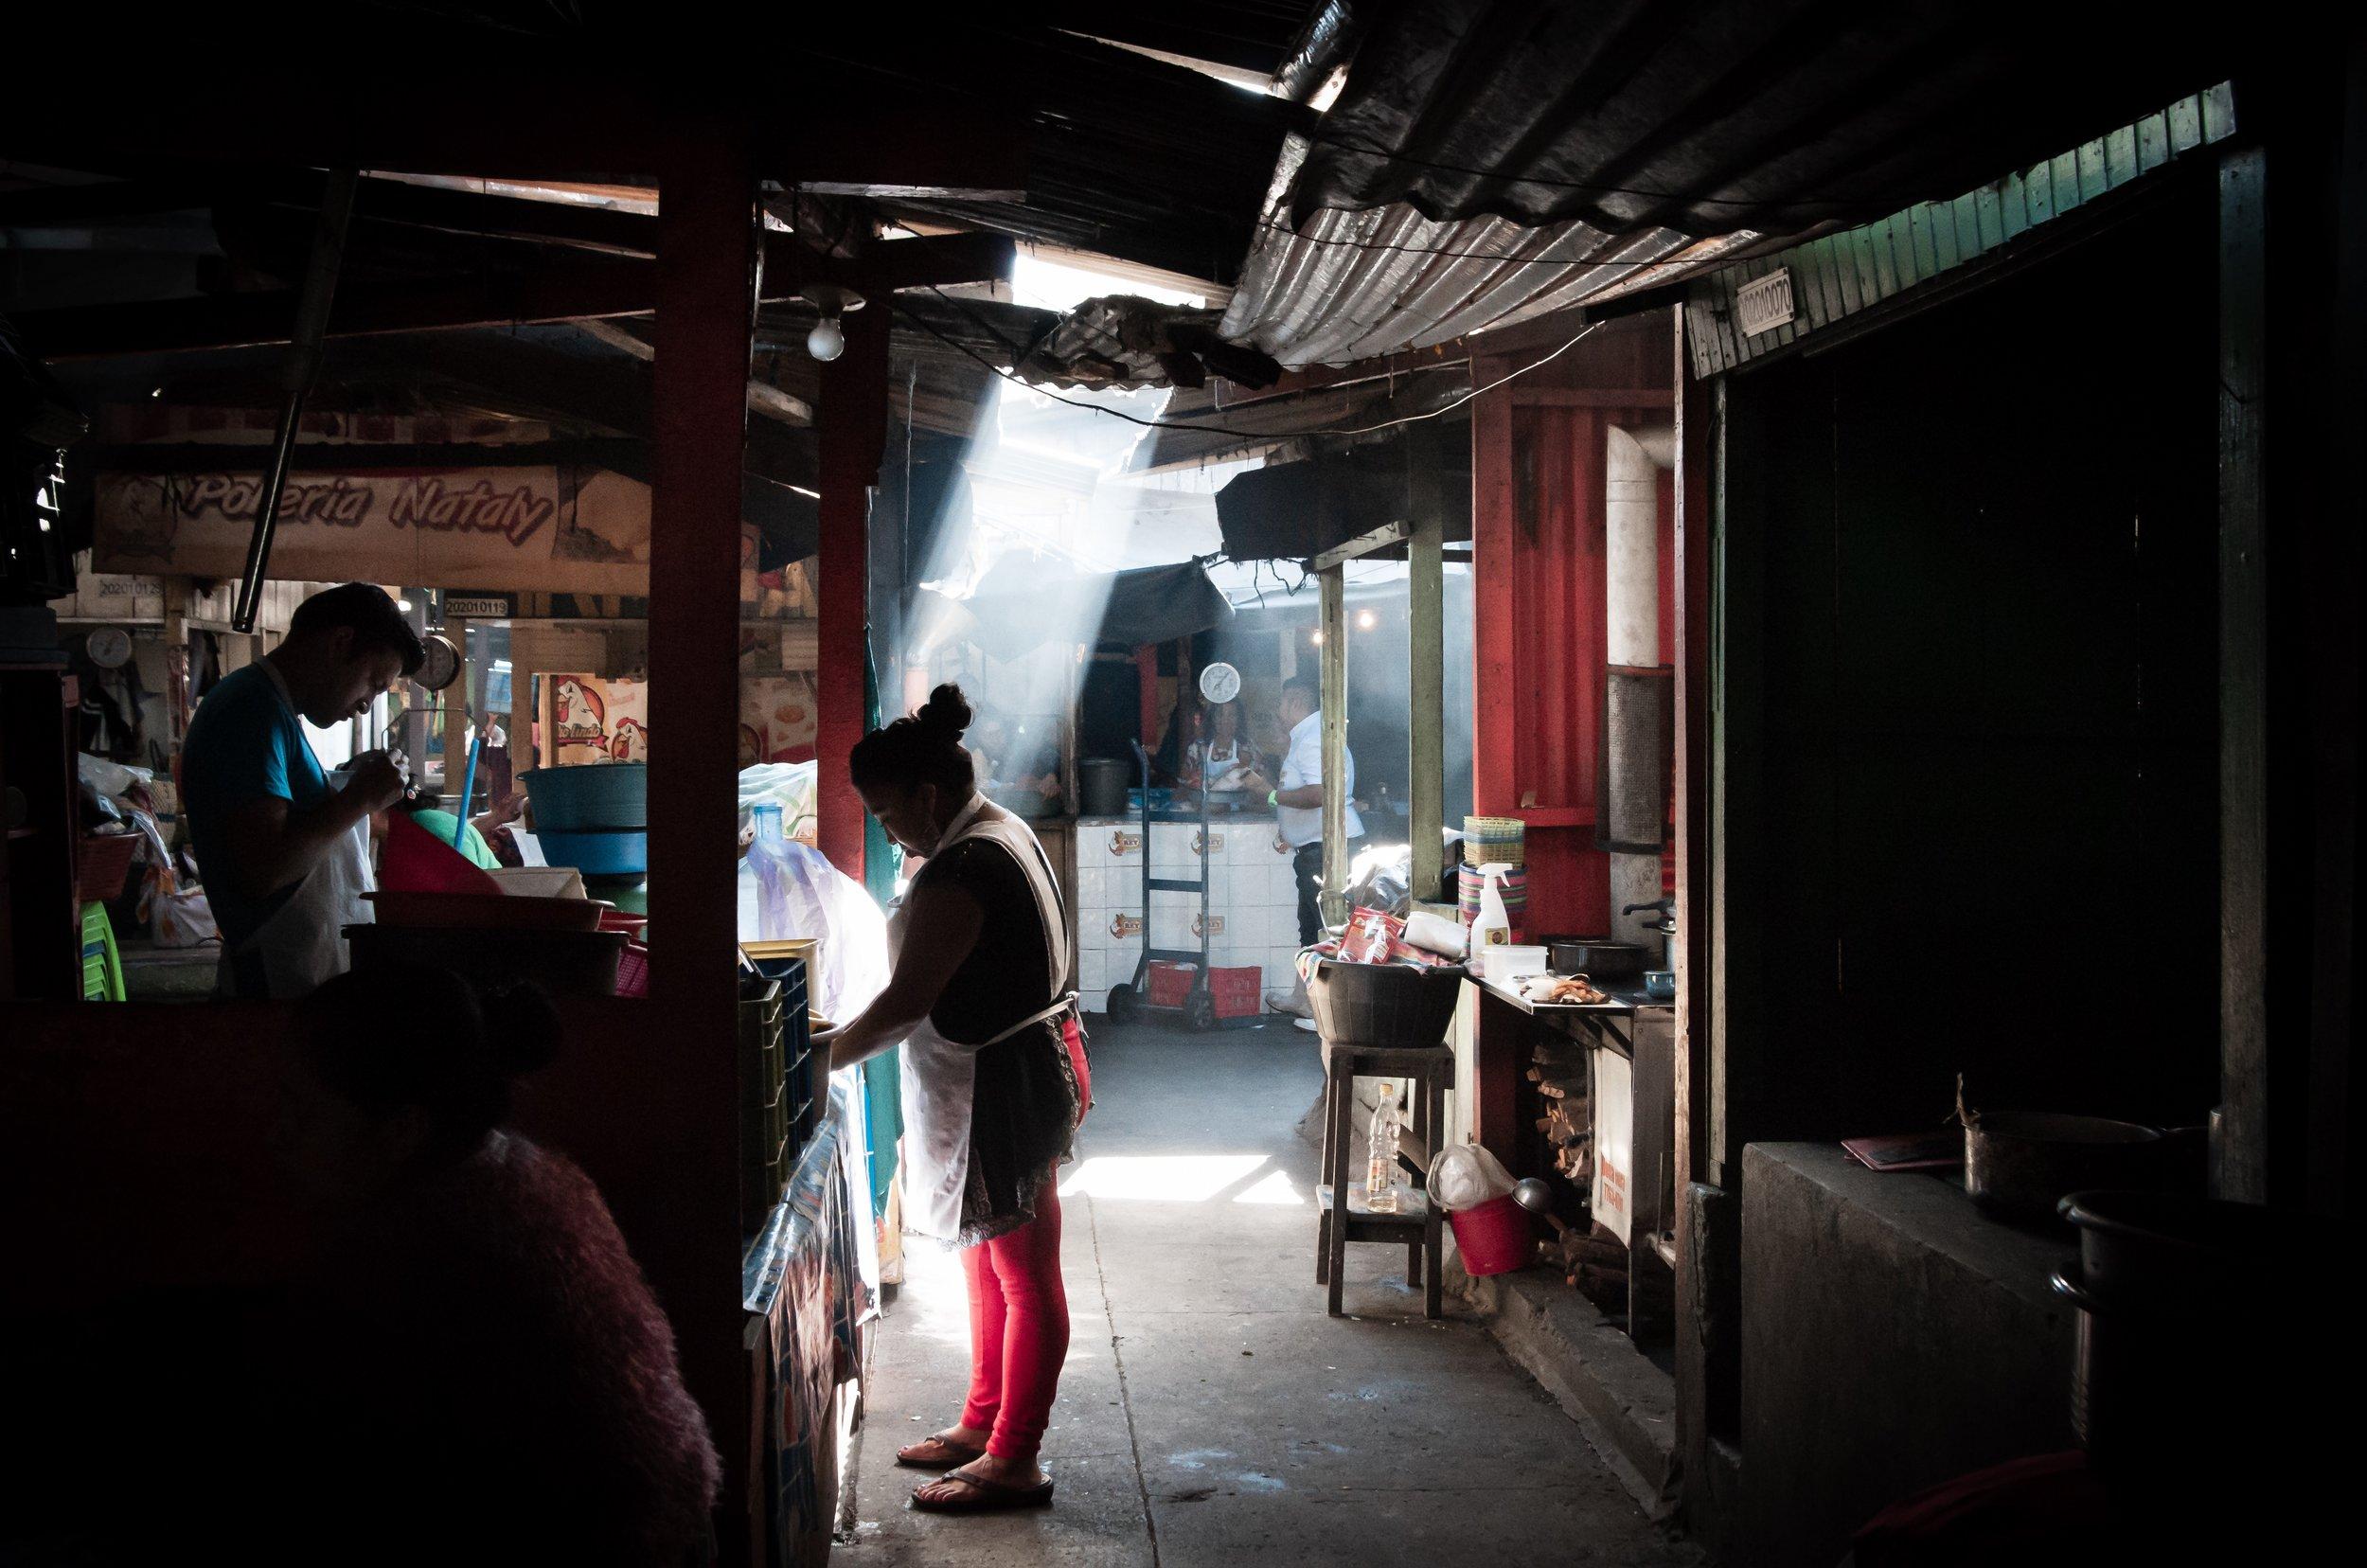 Morning Light in Mercado La Democracia